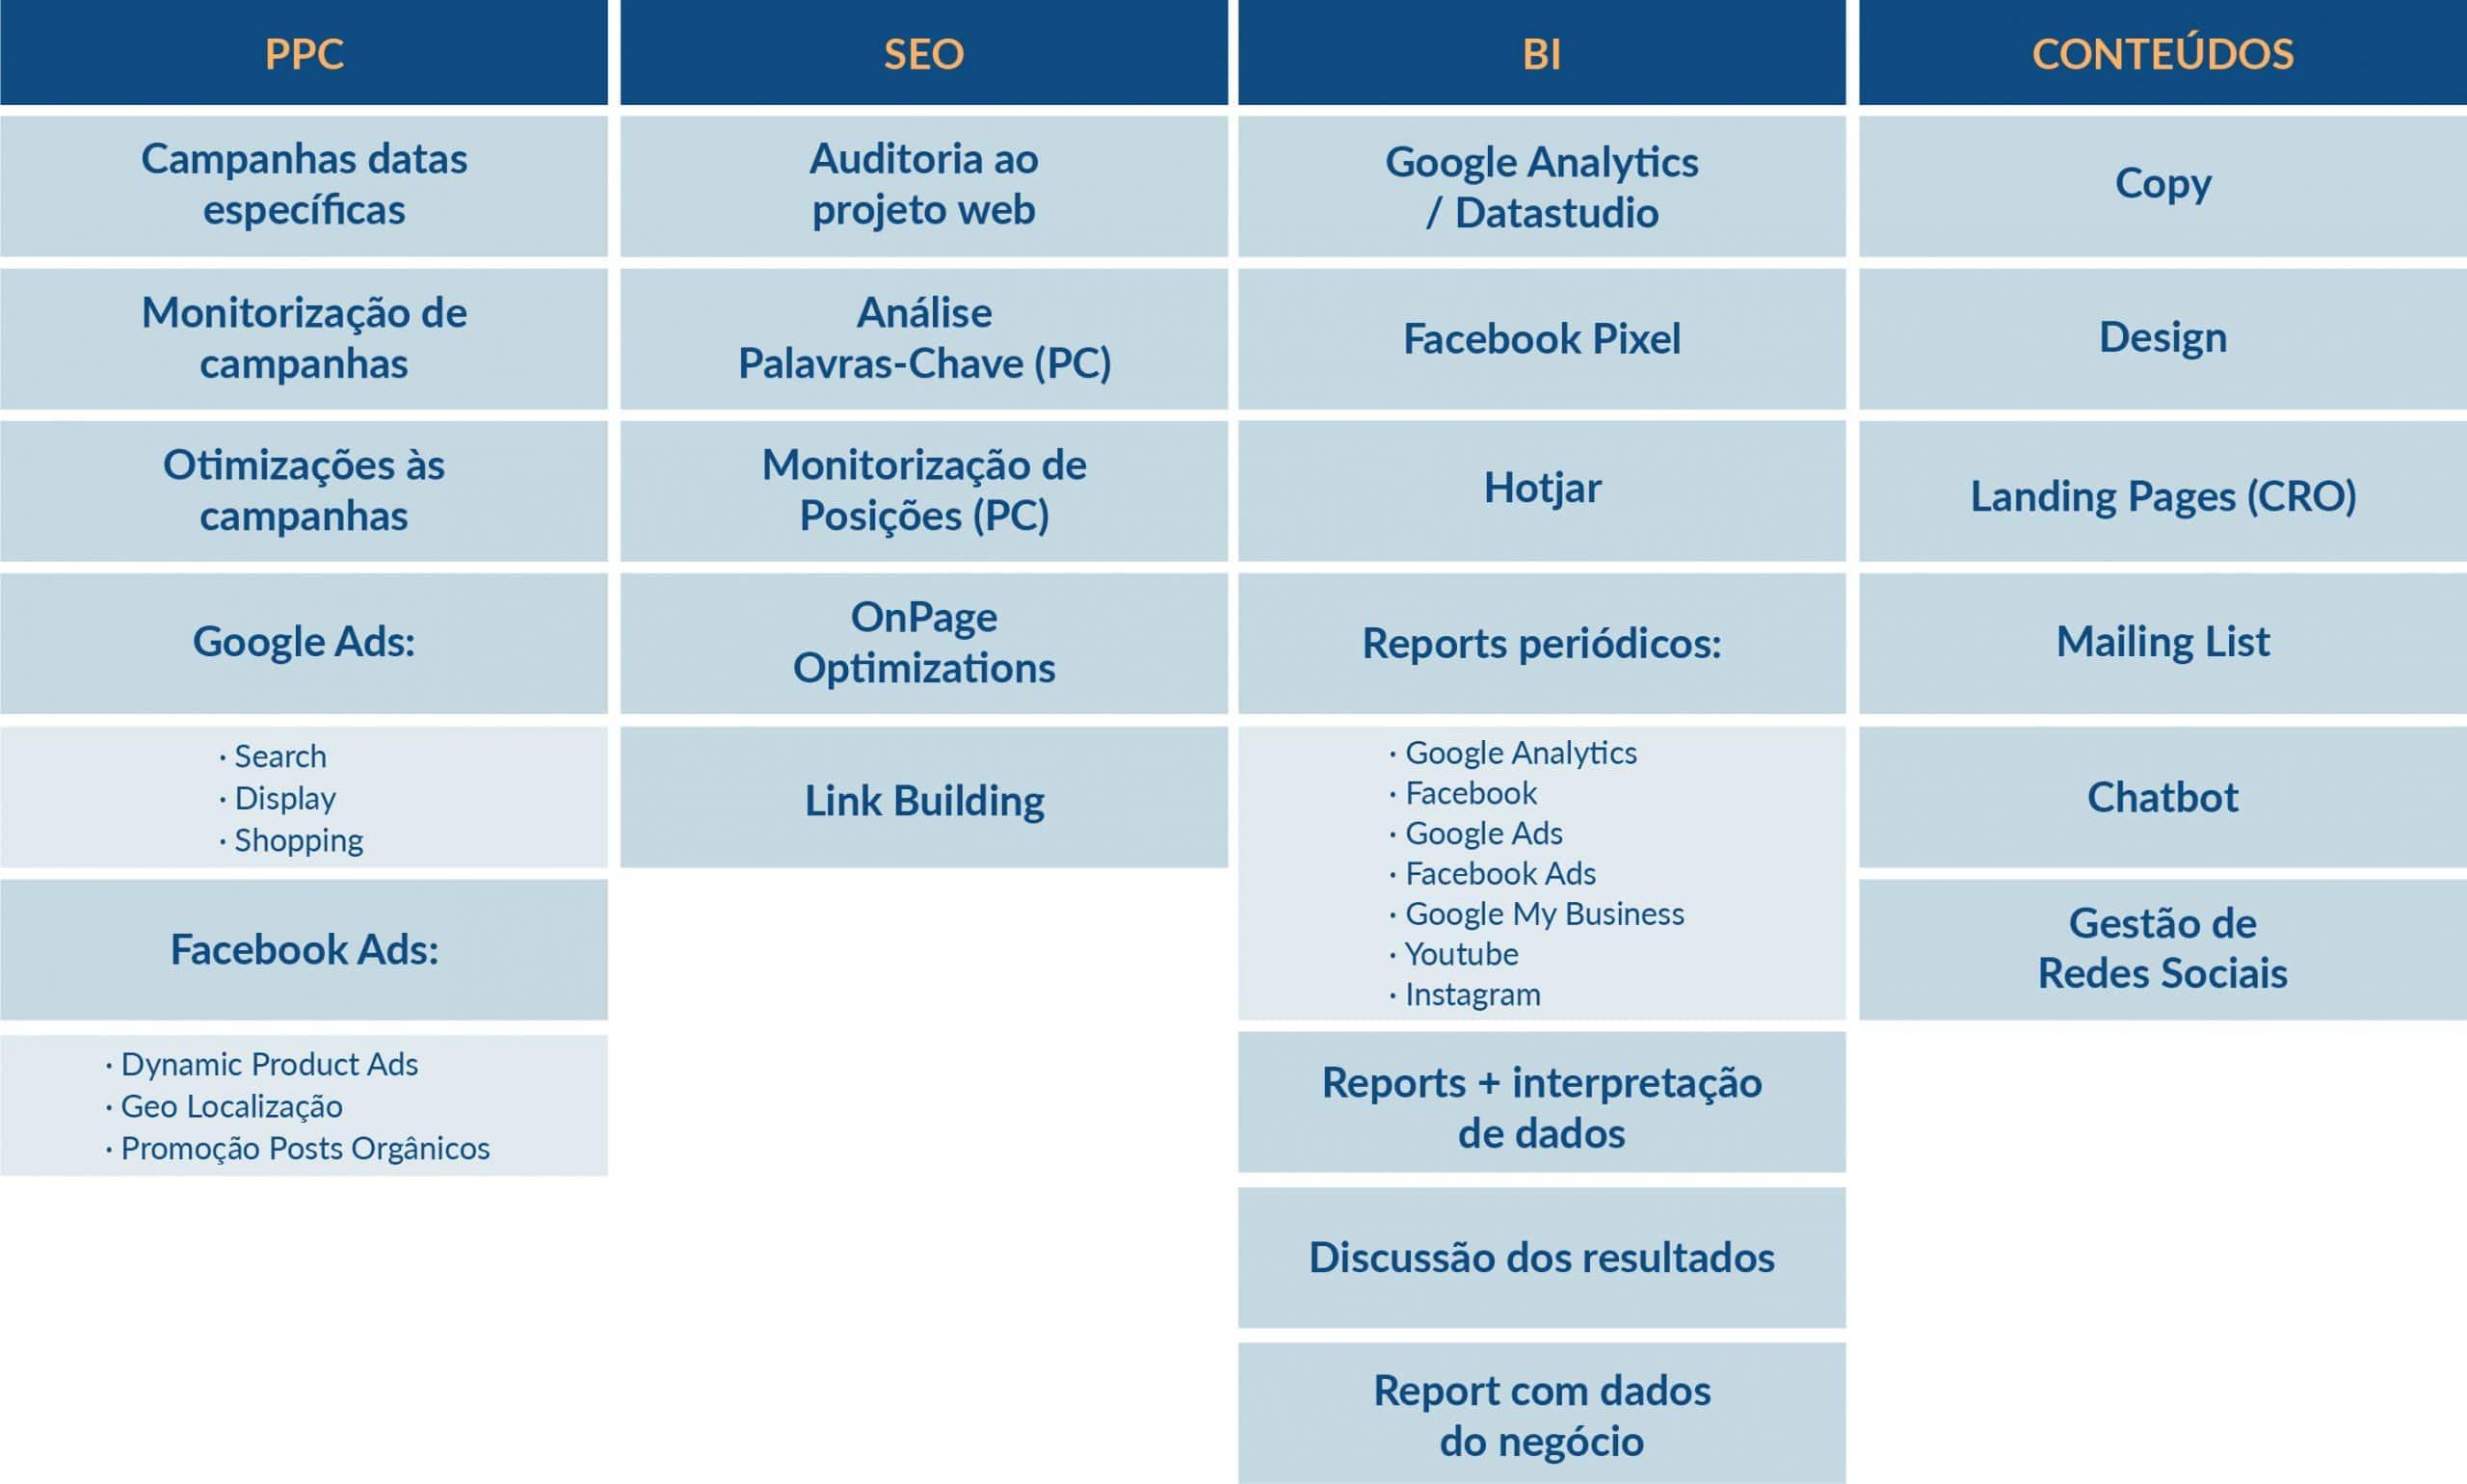 listagem de serviços de marketing digital que prestamos aos nossos clientes - PPC, SEL, Business Intelligence, Conteúdos